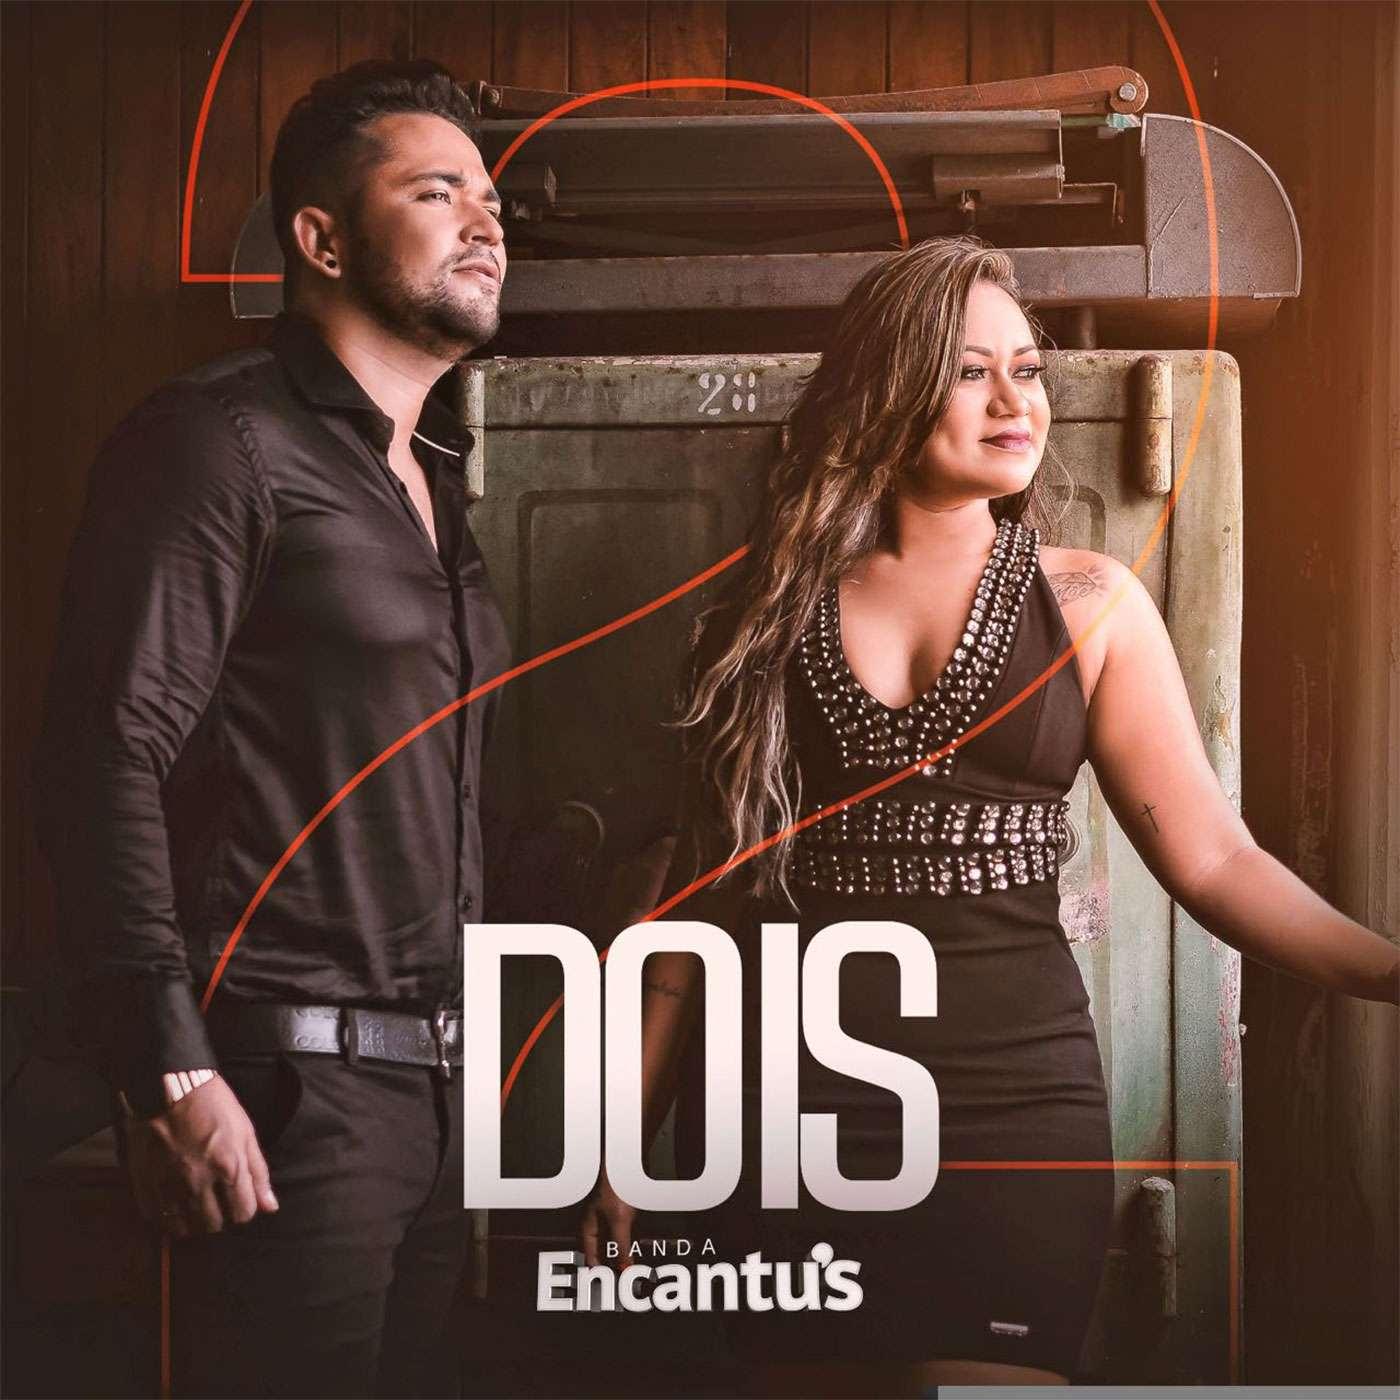 DOWNLOAD BRASILEIRO MUSICA WASHINGTON GRÁTIS KRAFTA